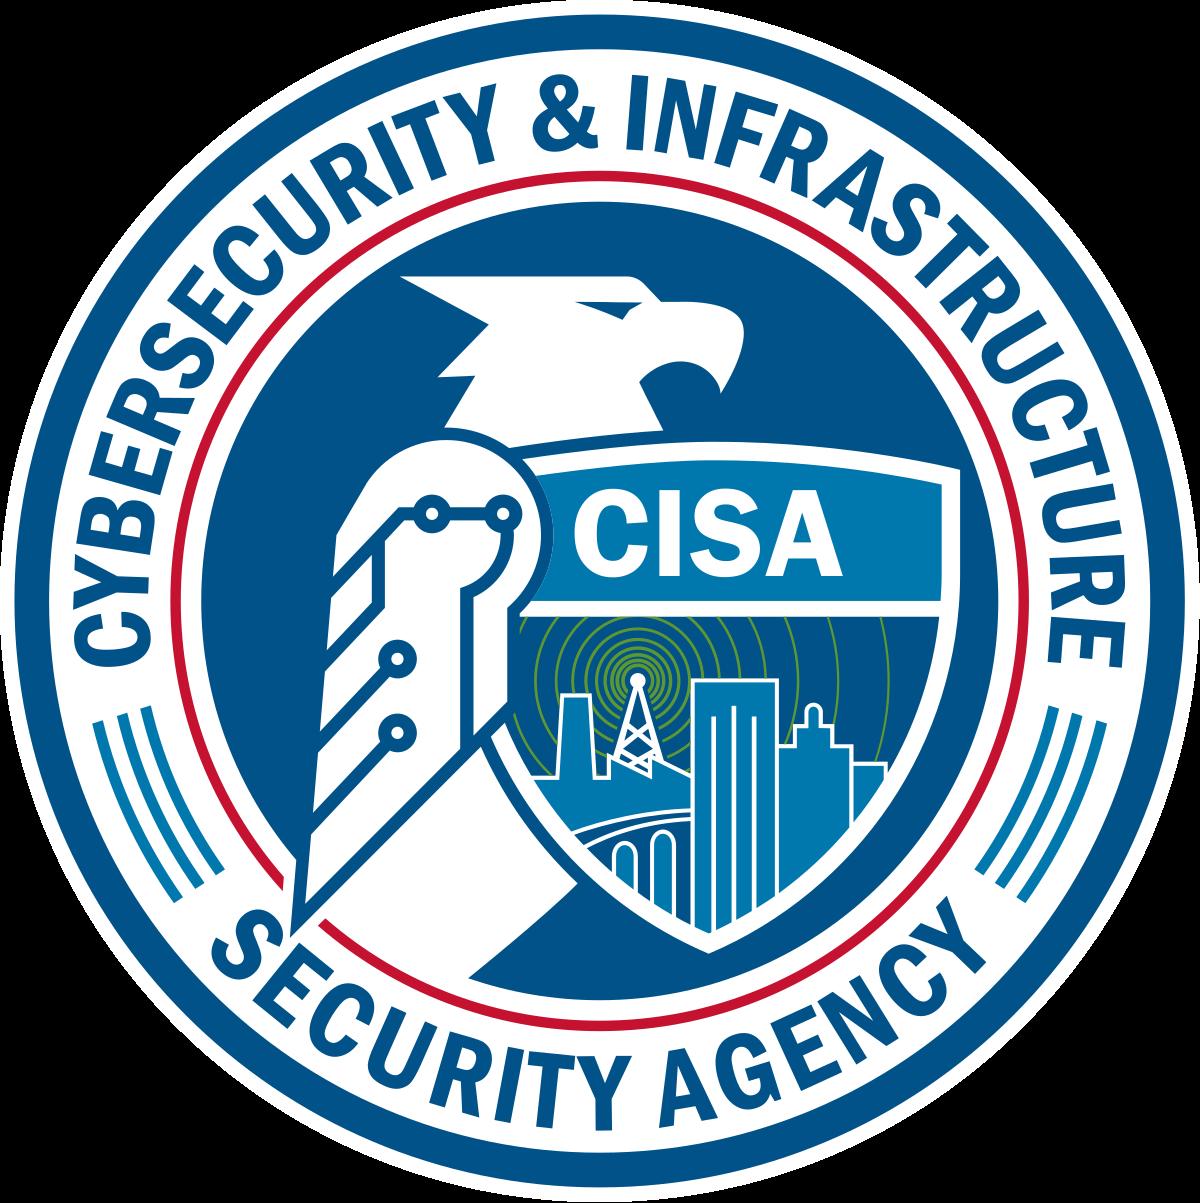 CISA опубликовало рекомендации по предотвращению утечек данных из-за вымогателей